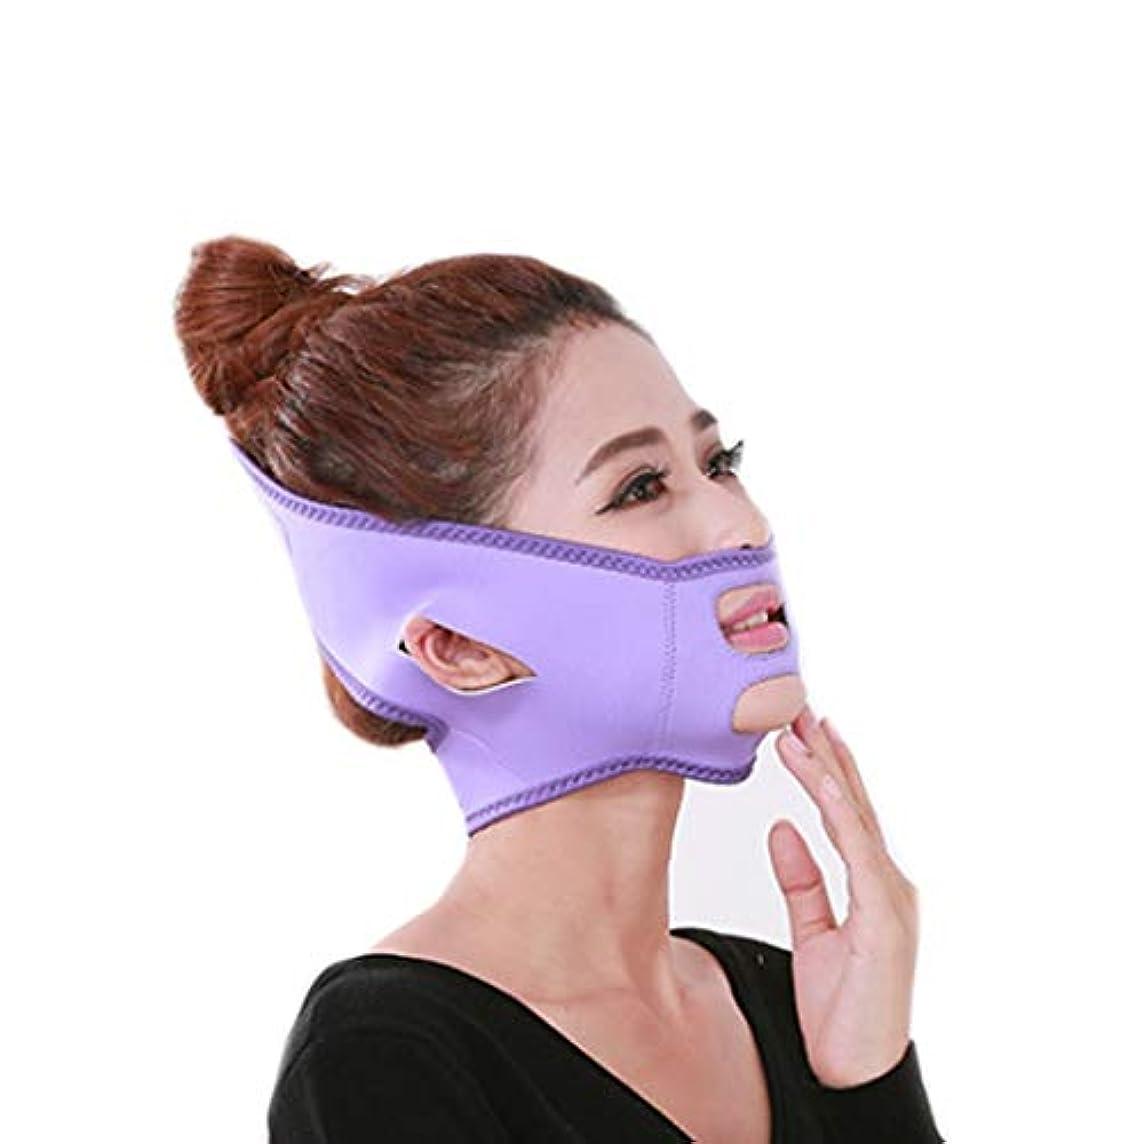 カメ怖がって死ぬ放射するXHLMRMJ フェイスリフトテープ&バンド、フェイススリミングマスク、ダブルチン、ダブルチンリデューサー、シワ防止マスク、リフティングシェイプ(フリーサイズ) (Color : Purple)